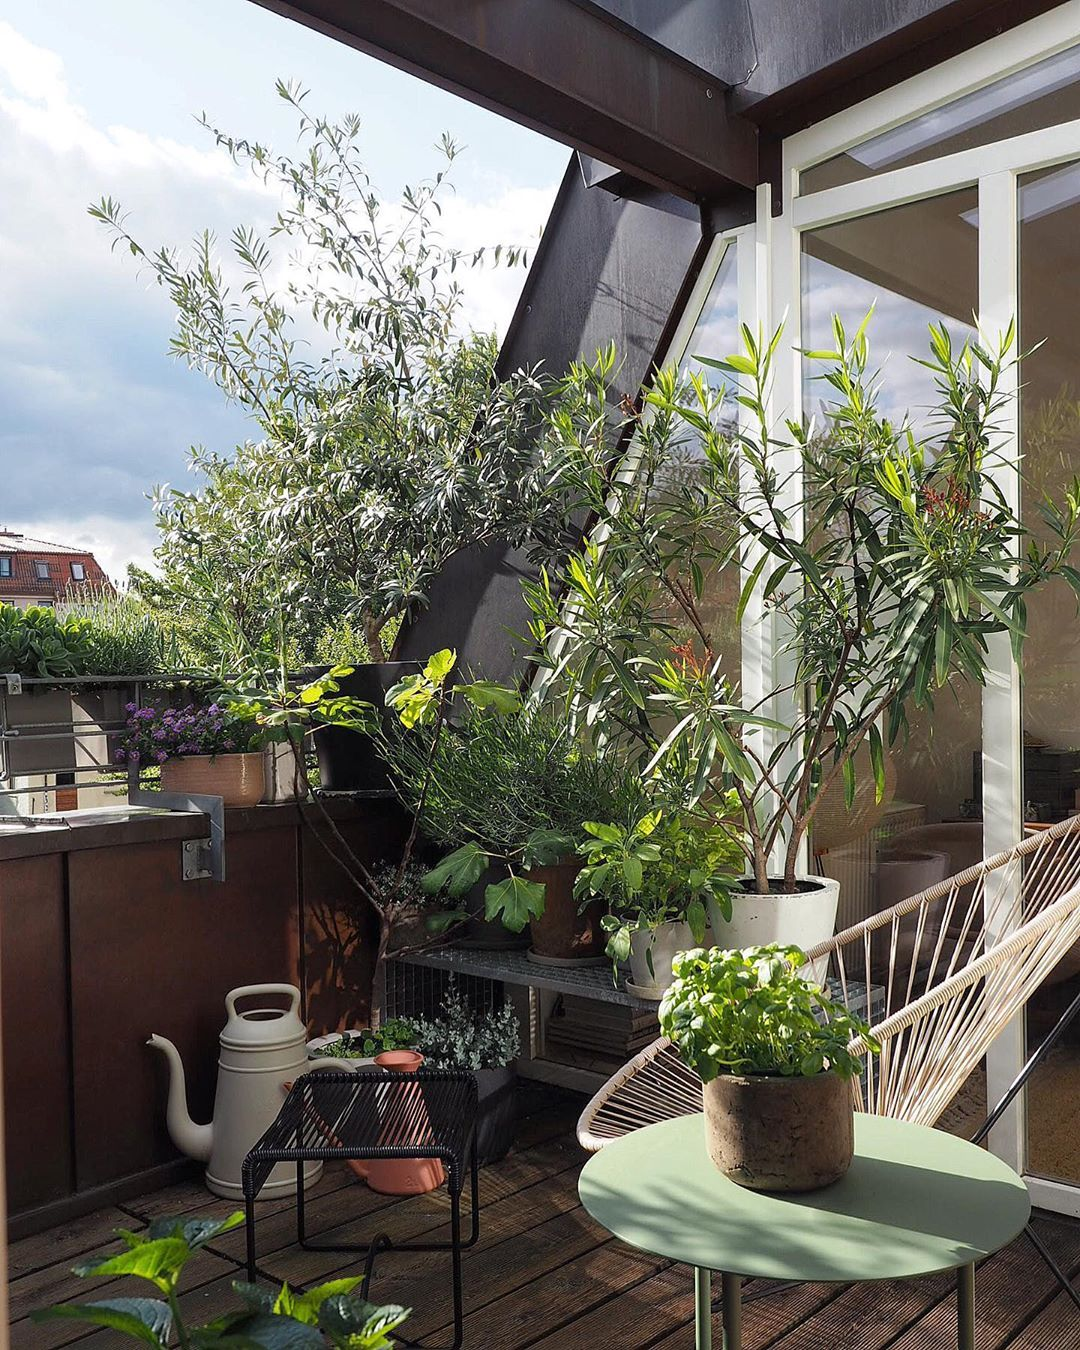 Πώς θα φτιάξω μια πράσινη όαση στη μικρή βεράντα μου; (25 ιδέες από €12,99)